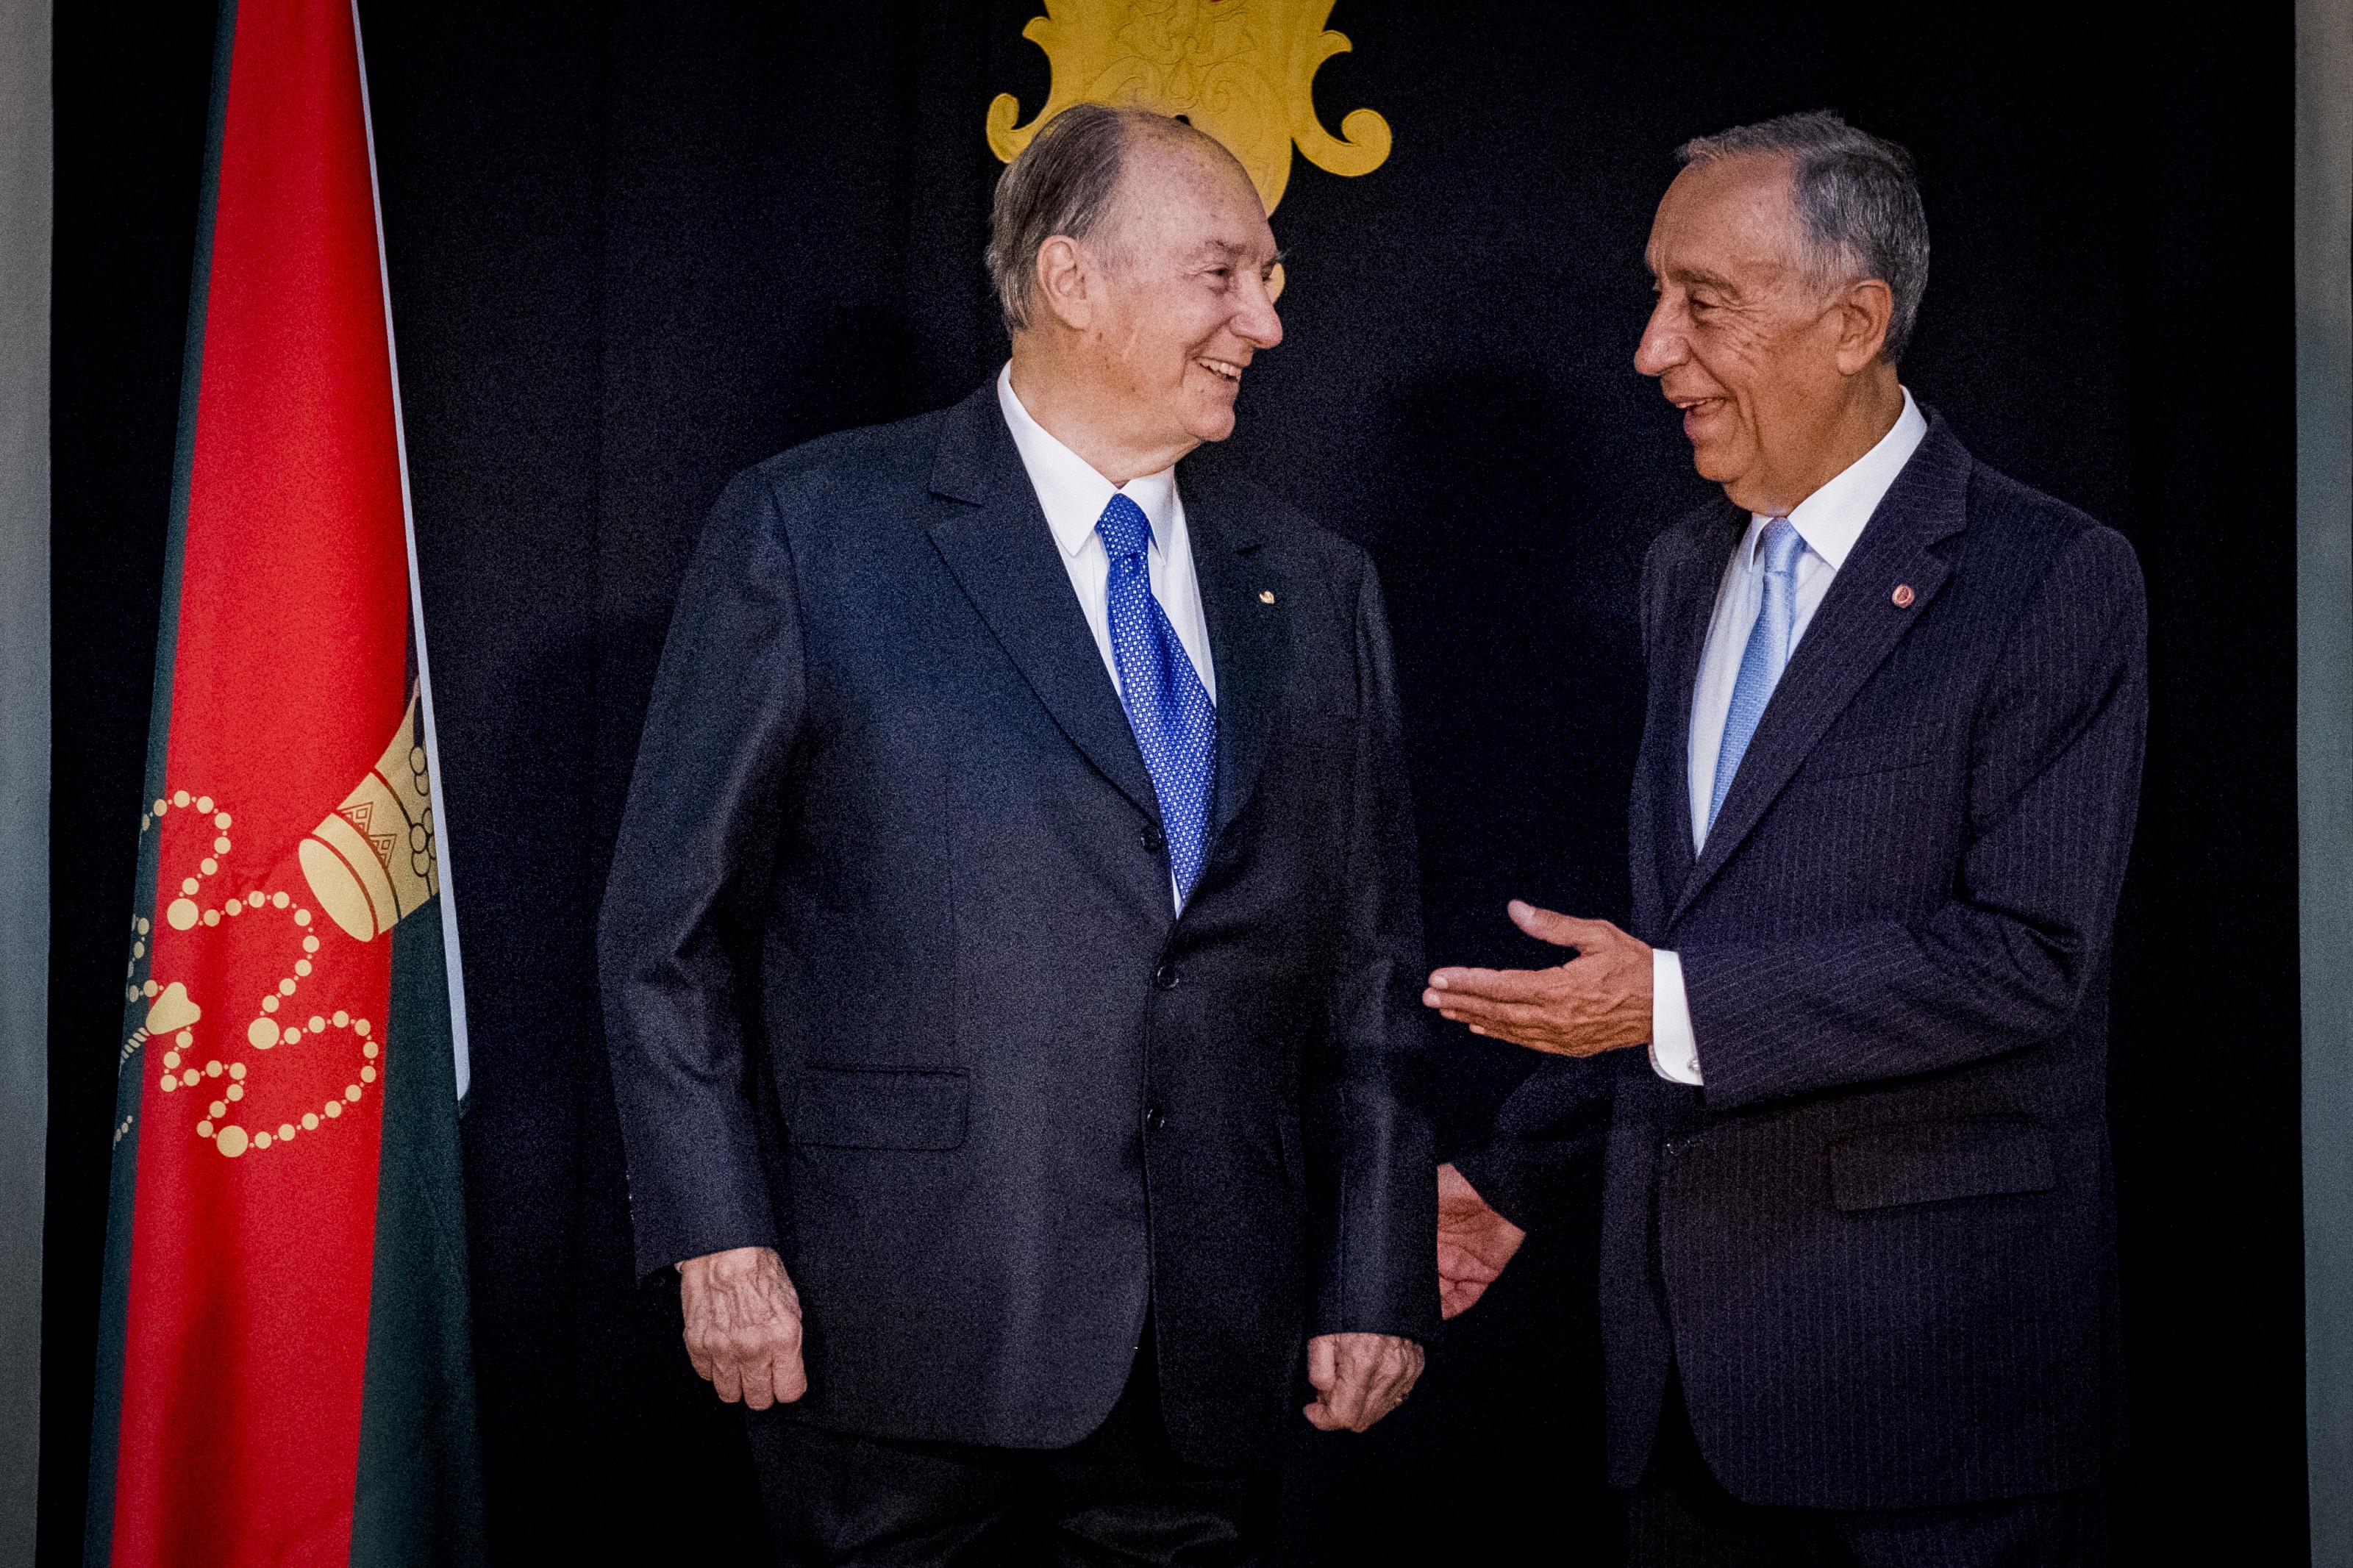 Portugal atribuiu nacionalidade portuguesa a Príncipe Aga Khan